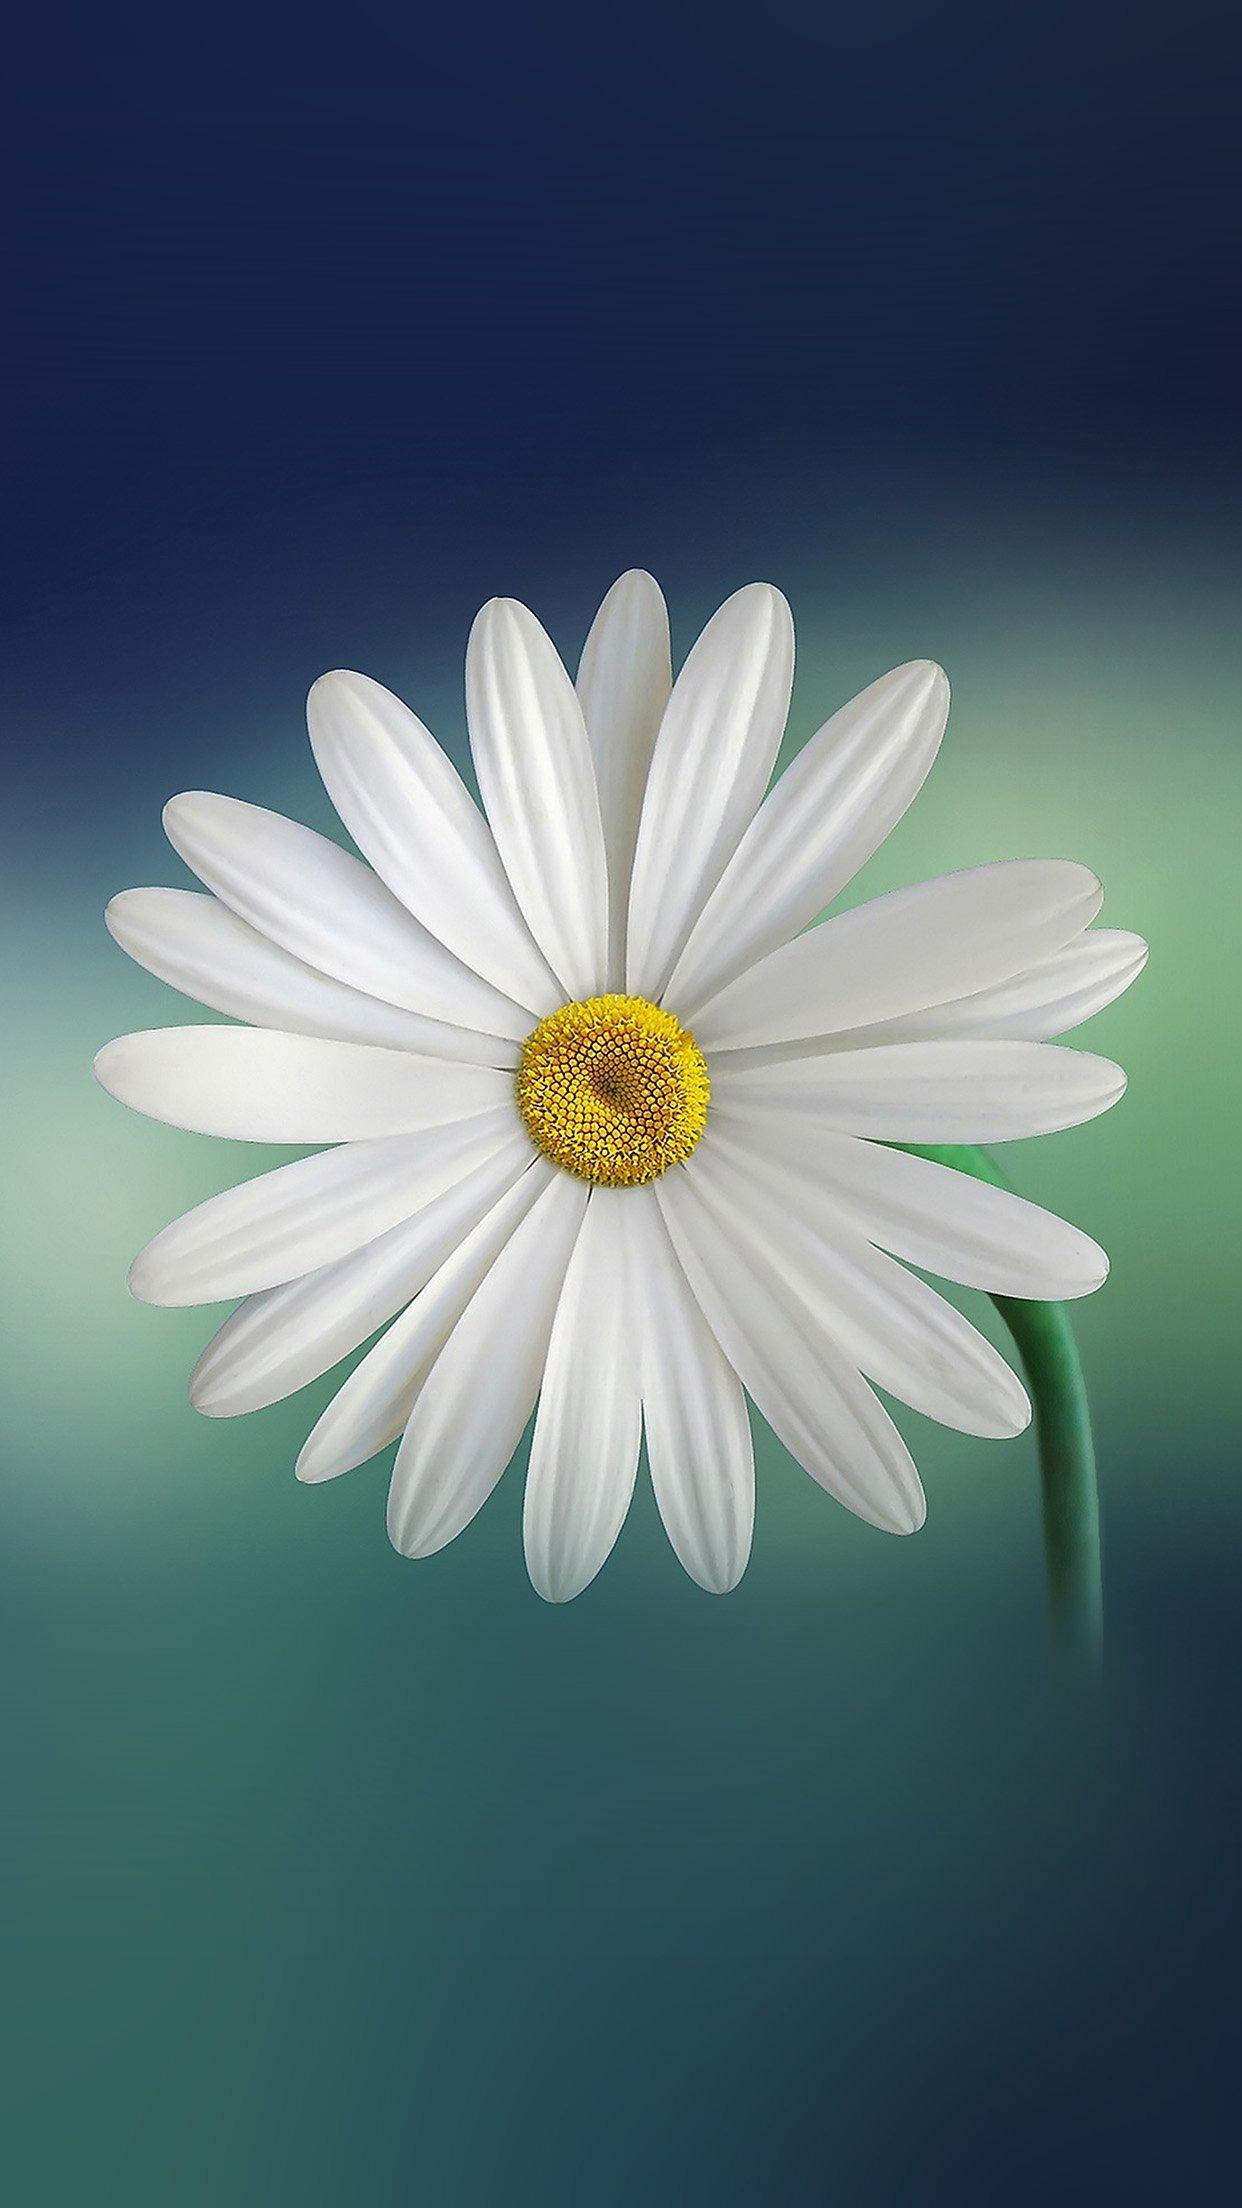 Iphone 7 Wallpaper Hd Flower 357838 Hd Wallpaper